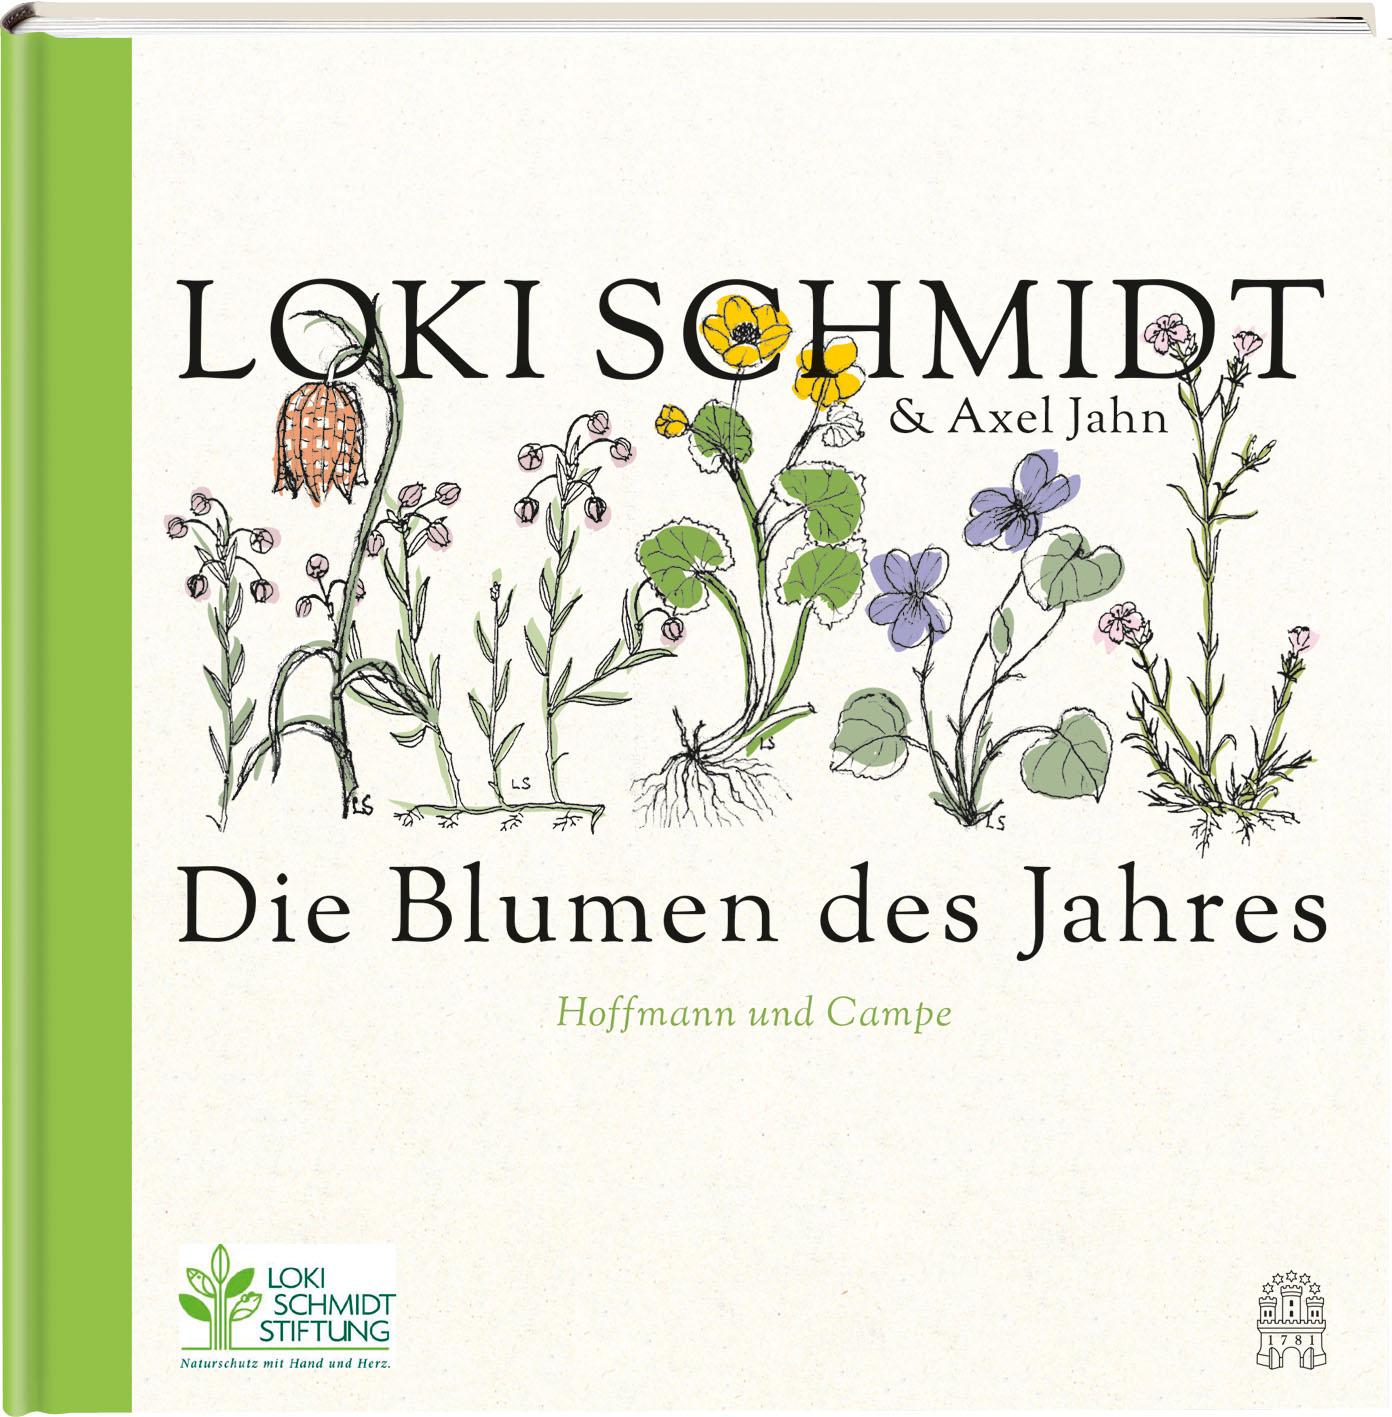 Loki Schmidt Garten: Gartenbotschafter John Langley®